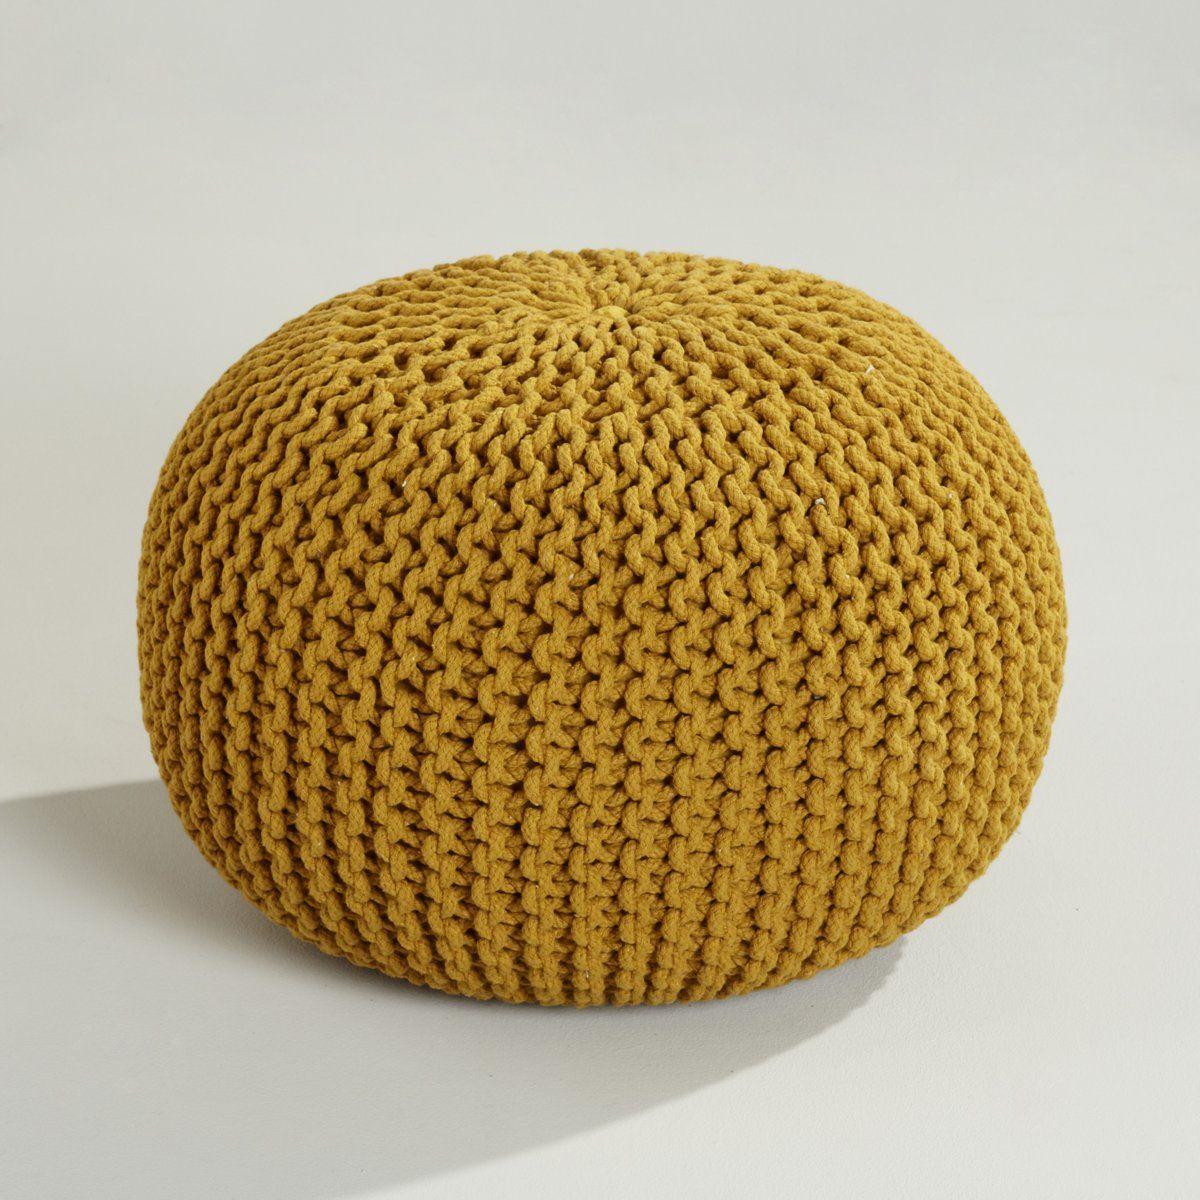 pouf maille tricot e jakob am pm la redoute denise salon pinterest. Black Bedroom Furniture Sets. Home Design Ideas